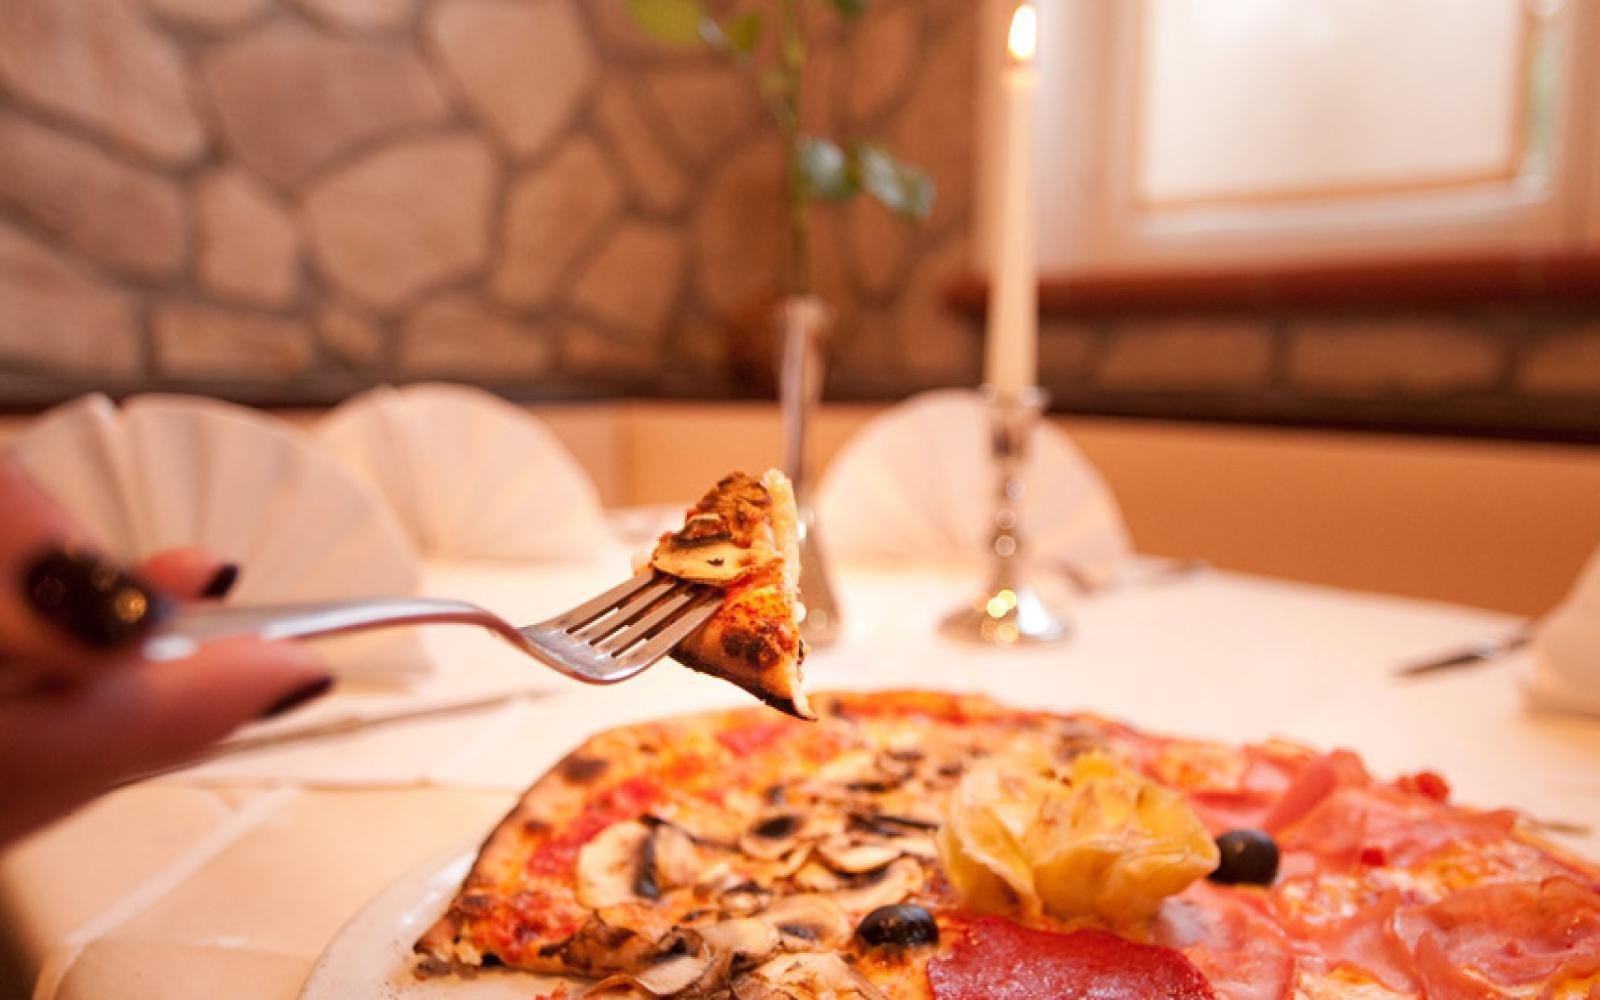 Eine Pizza auf einem Teller an einem gedeckten Tisch. Eine Hand hält ein Stück Pizza mit einer Gabel.